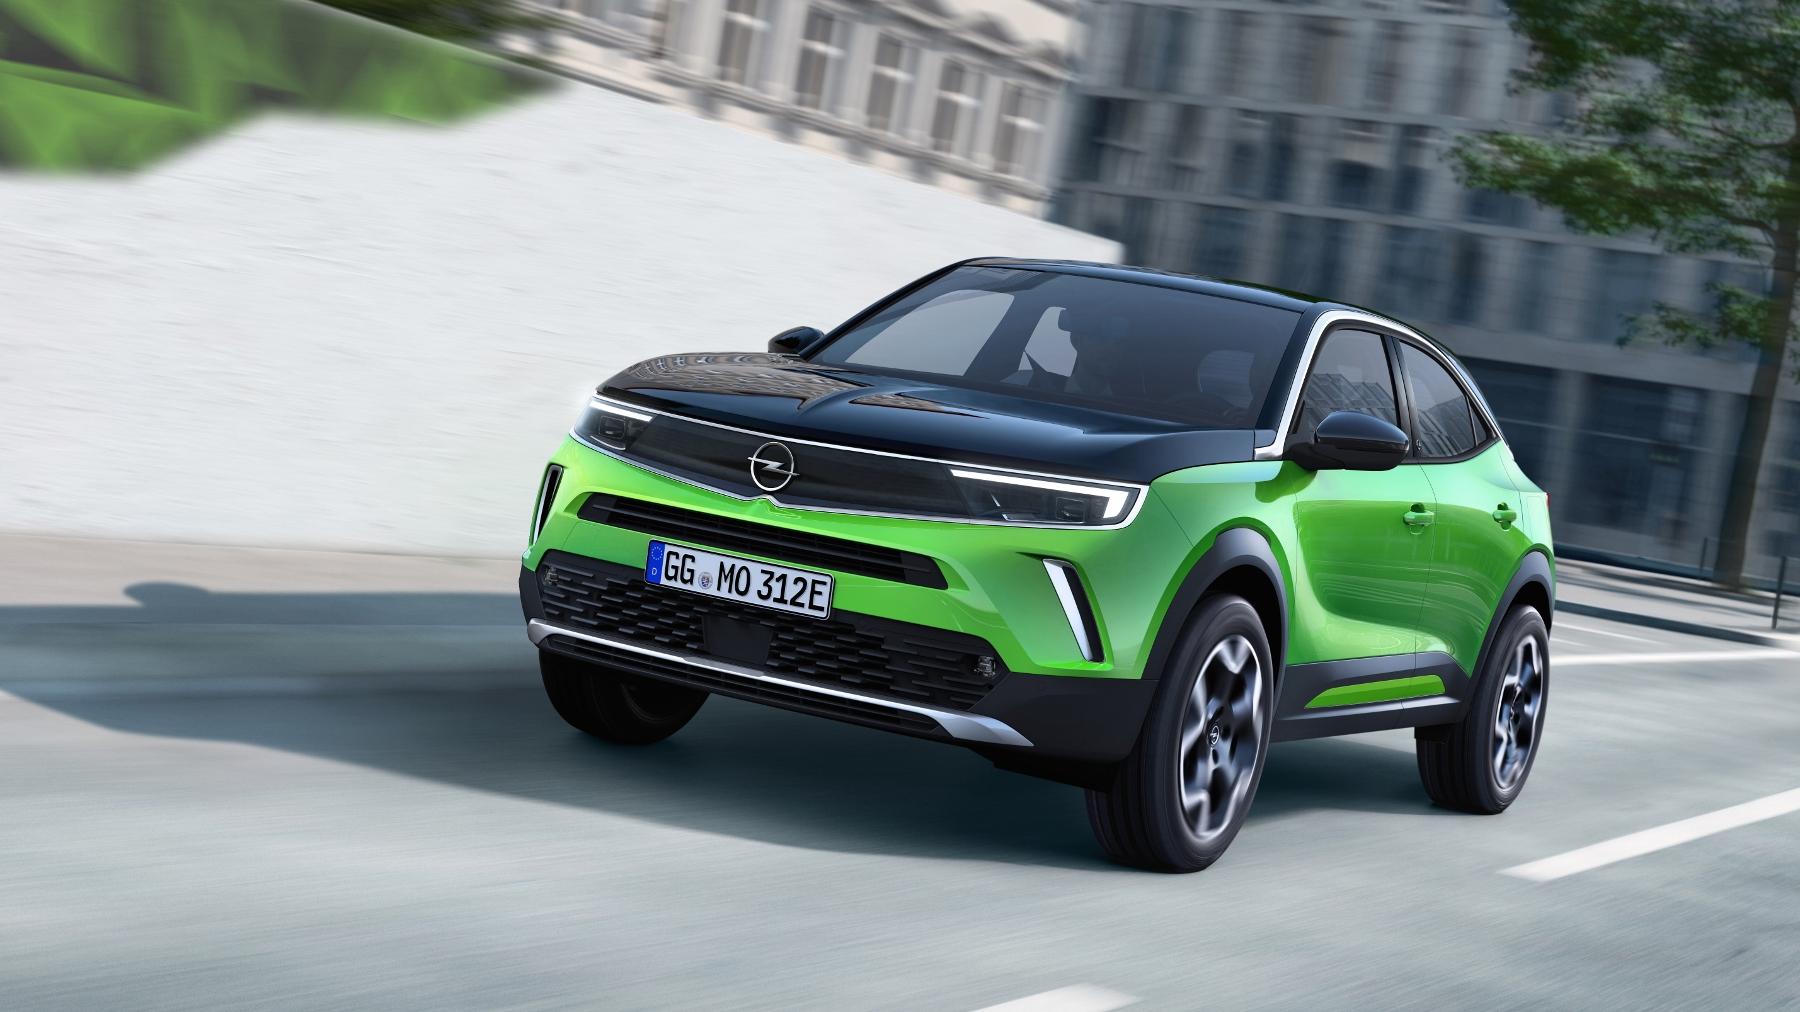 Opel Mokka sa od súrodencov odlíši odvážnym dizajnom mNE2SDfdgQ 02-opel-mokka-e-512163-1800x1012